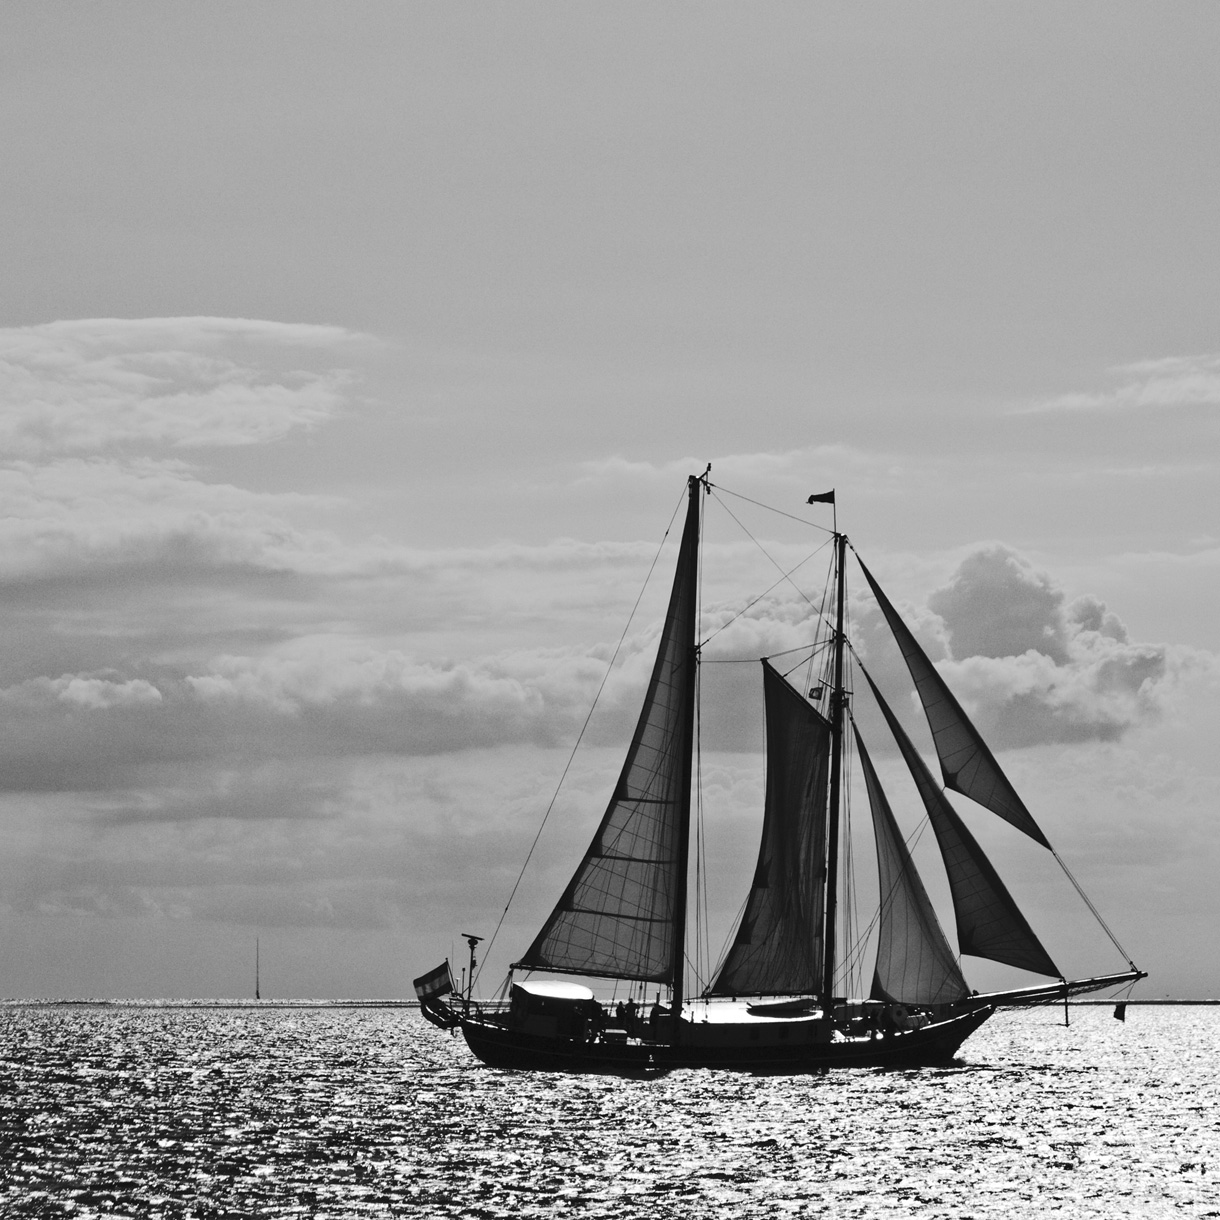 Schiff-Bild auf Edelstahl